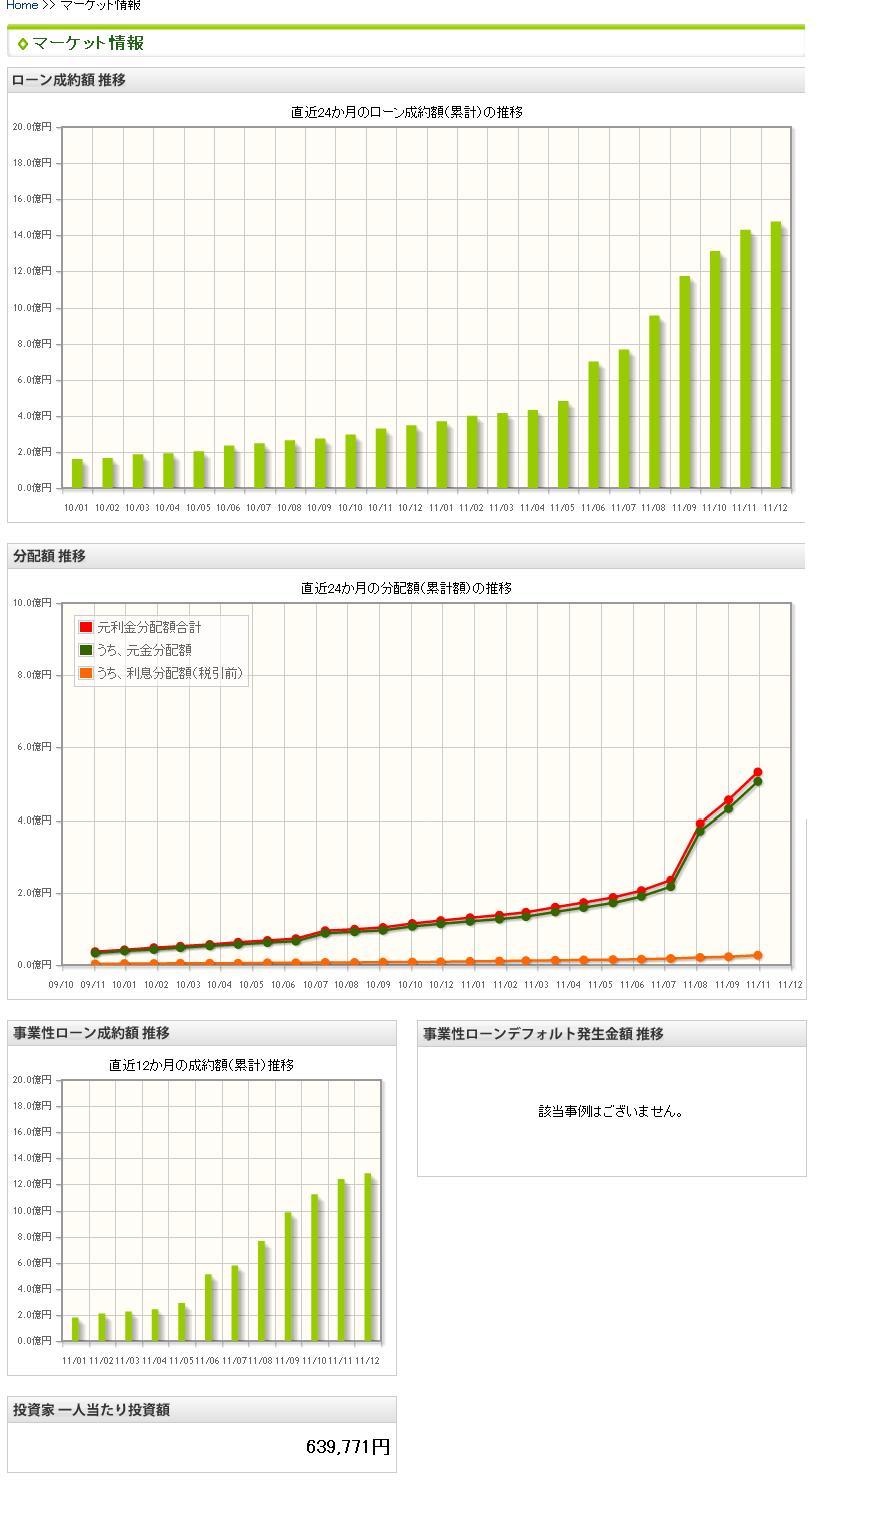 maneoマーケット情報201111